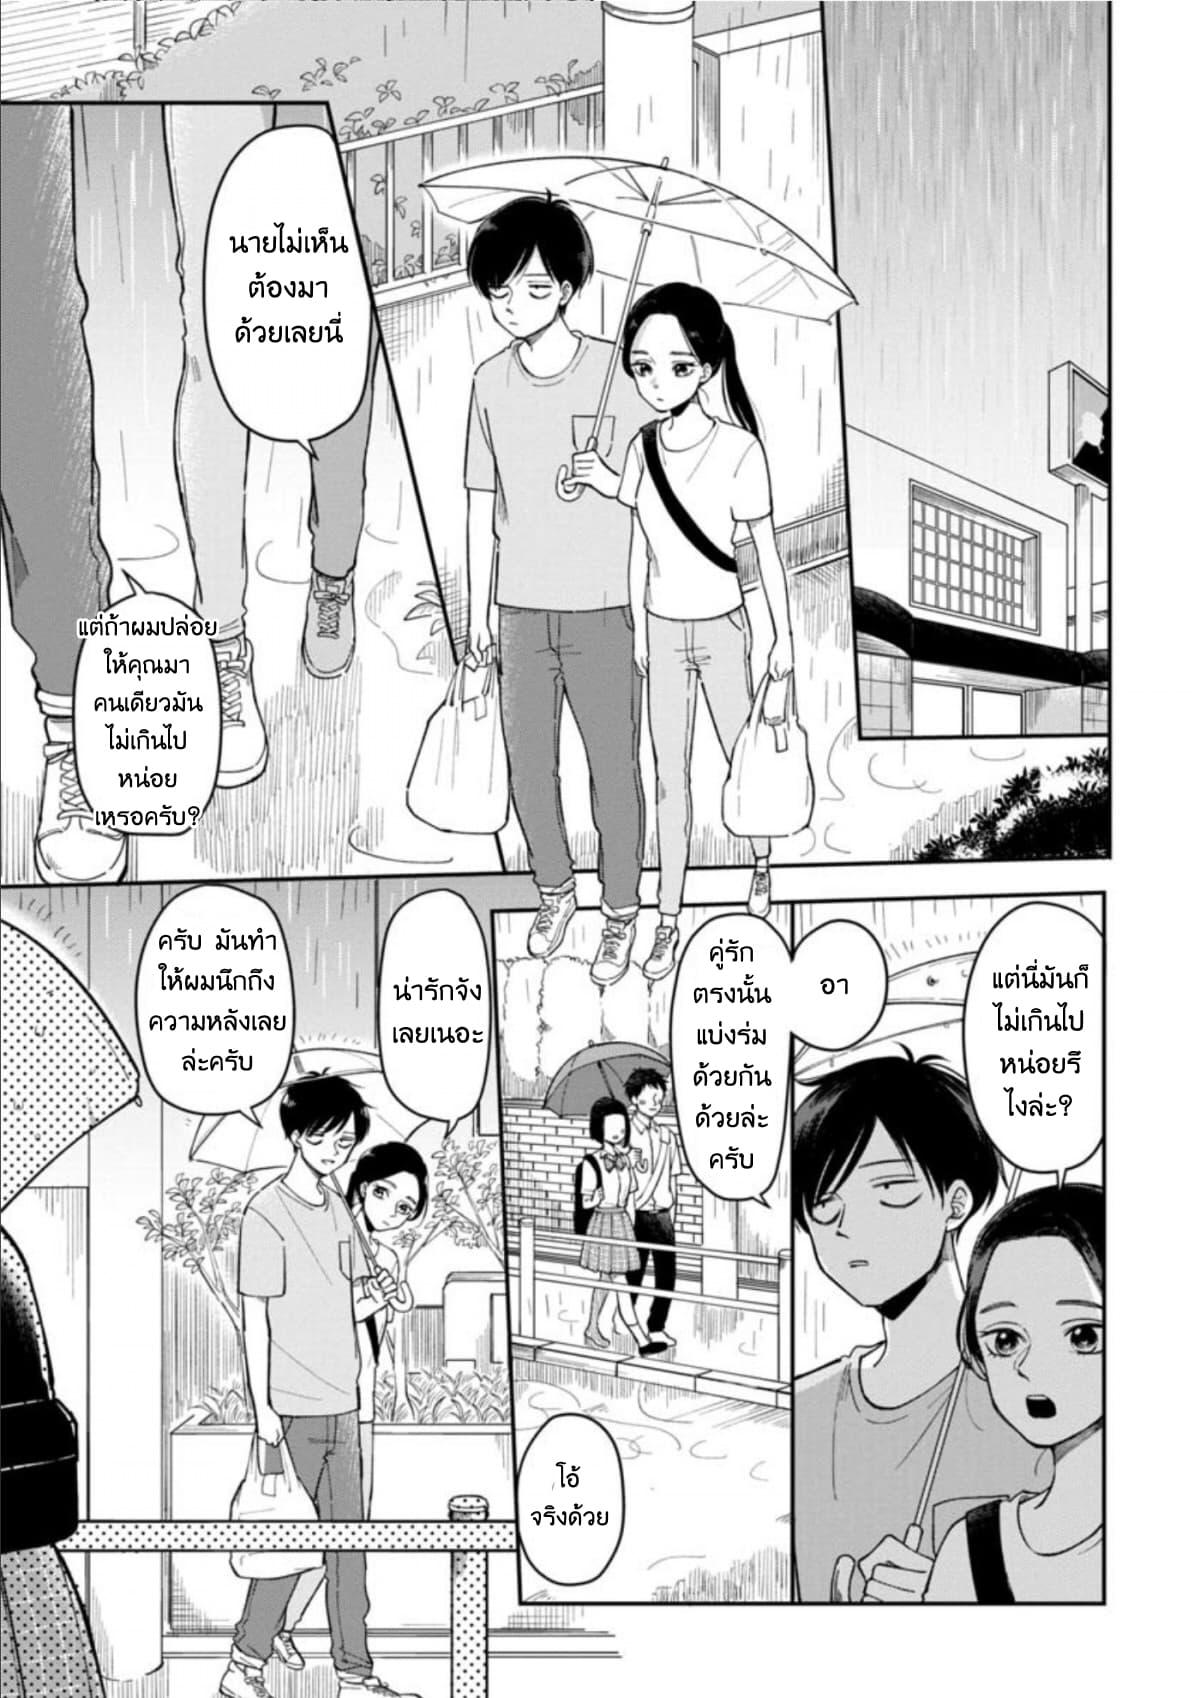 อ่านการ์ตูน Futari Ashitamo Sorenarini ตอนที่ 8 หน้าที่ 4